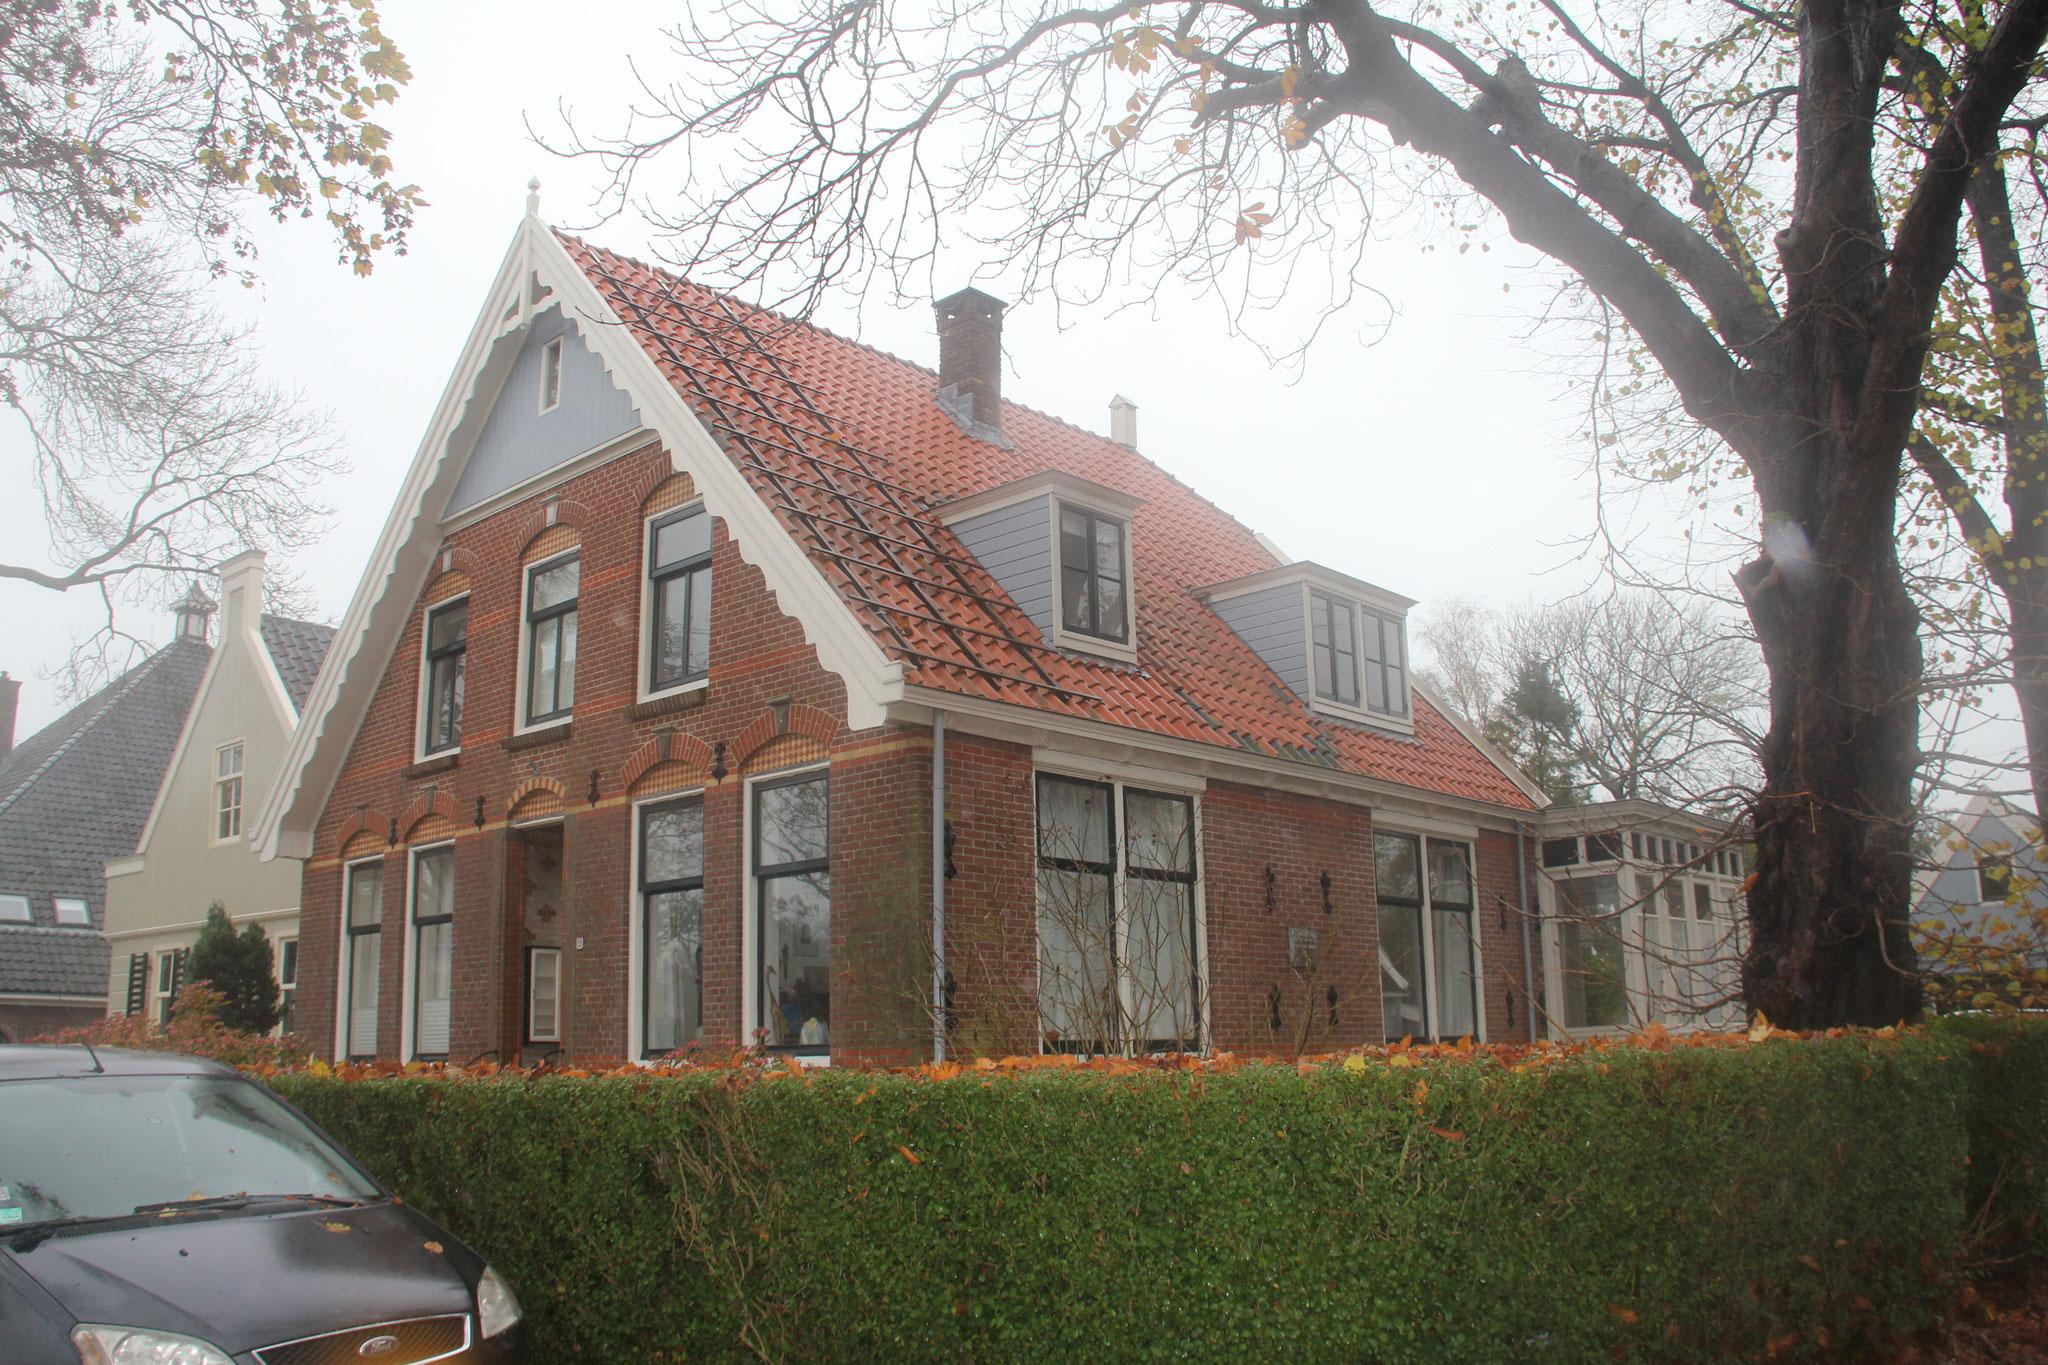 Havenrak 19, groot woonhuis uit circa 1912